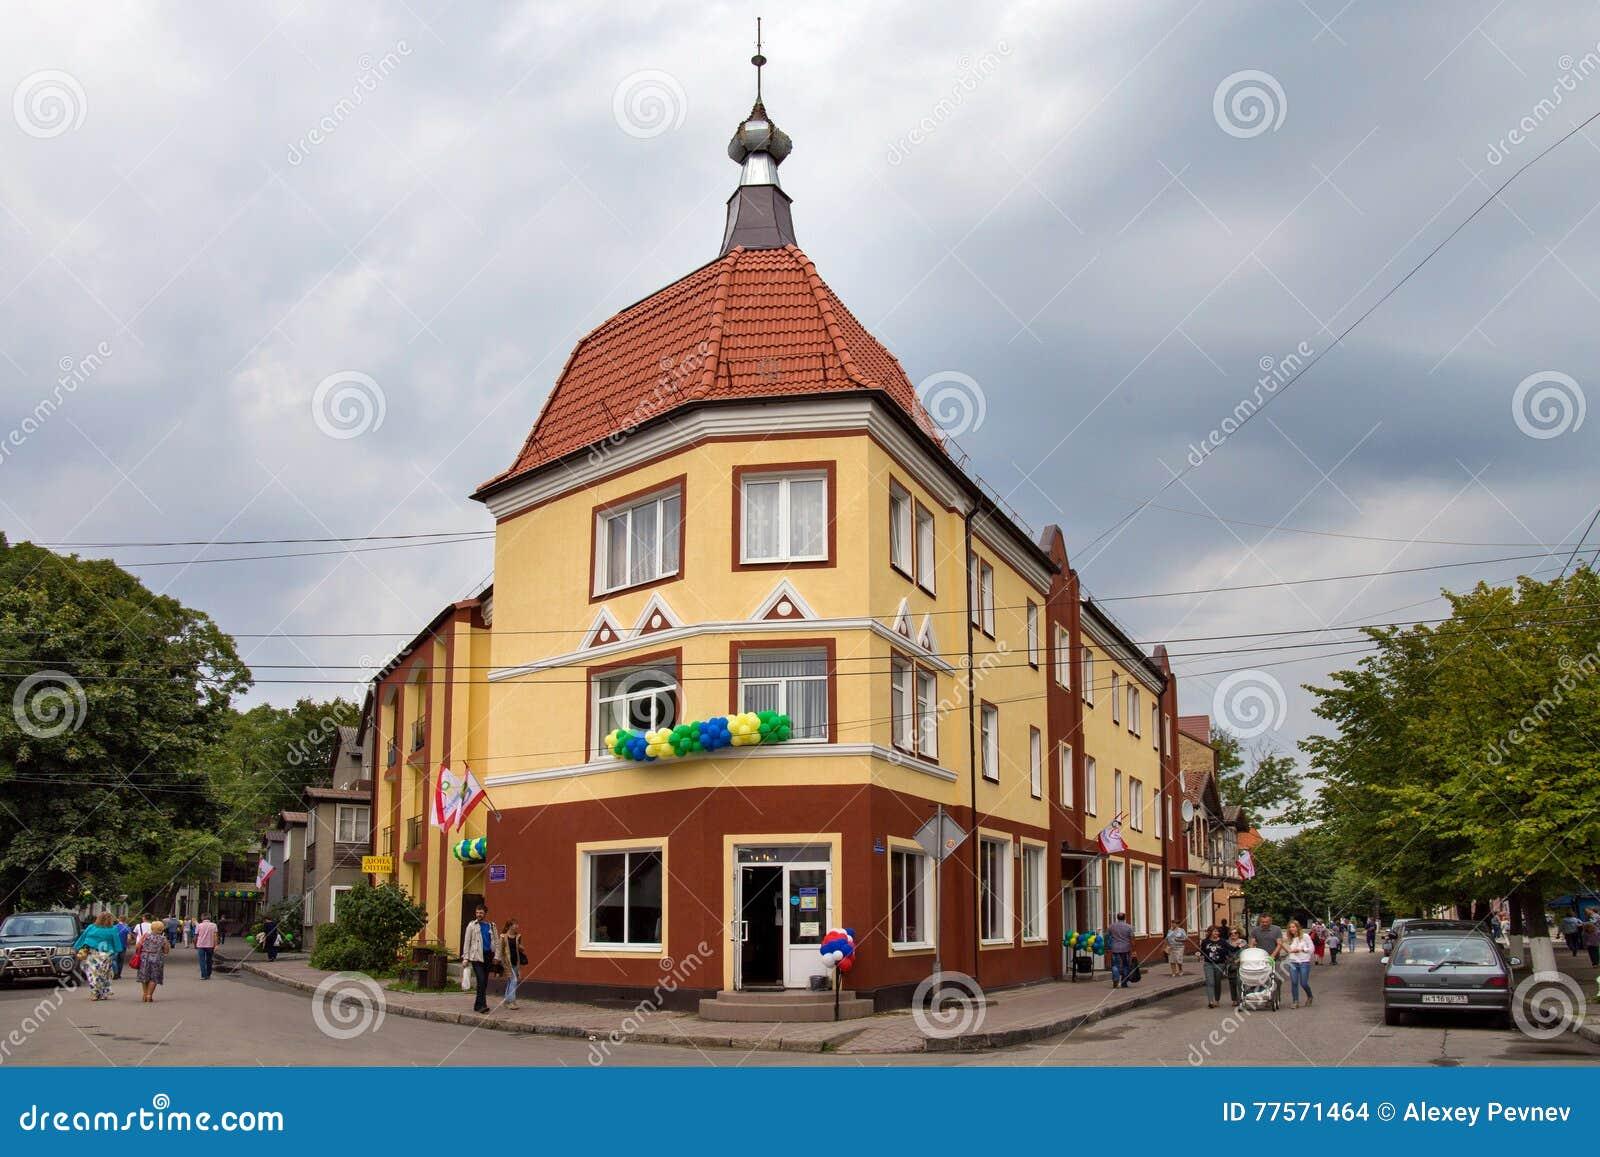 RUSLAND, ZELENOGRADSK - 03 SEPTEMBER, 2016: Oud Duits huis in Zelenogradsk ( Cranz)